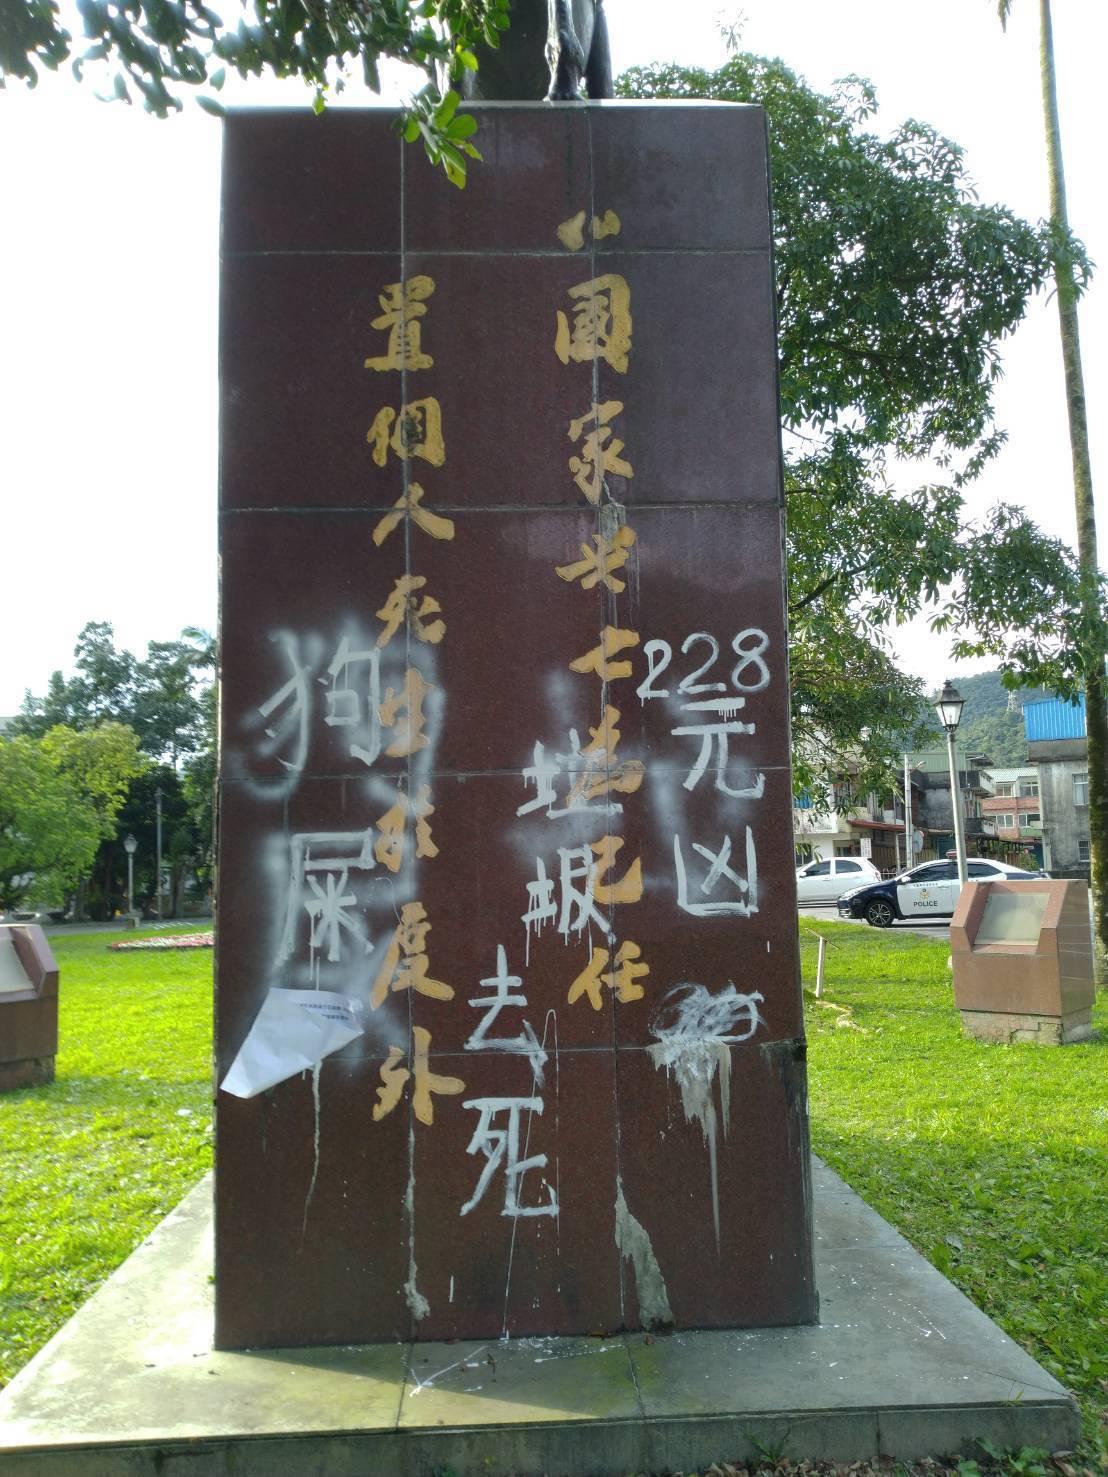 宜蘭縣蘇澳鎮公所前的蔣中正騎馬塑像,今天發現被噴漆寫上「228元兇」等字樣,鎮公...